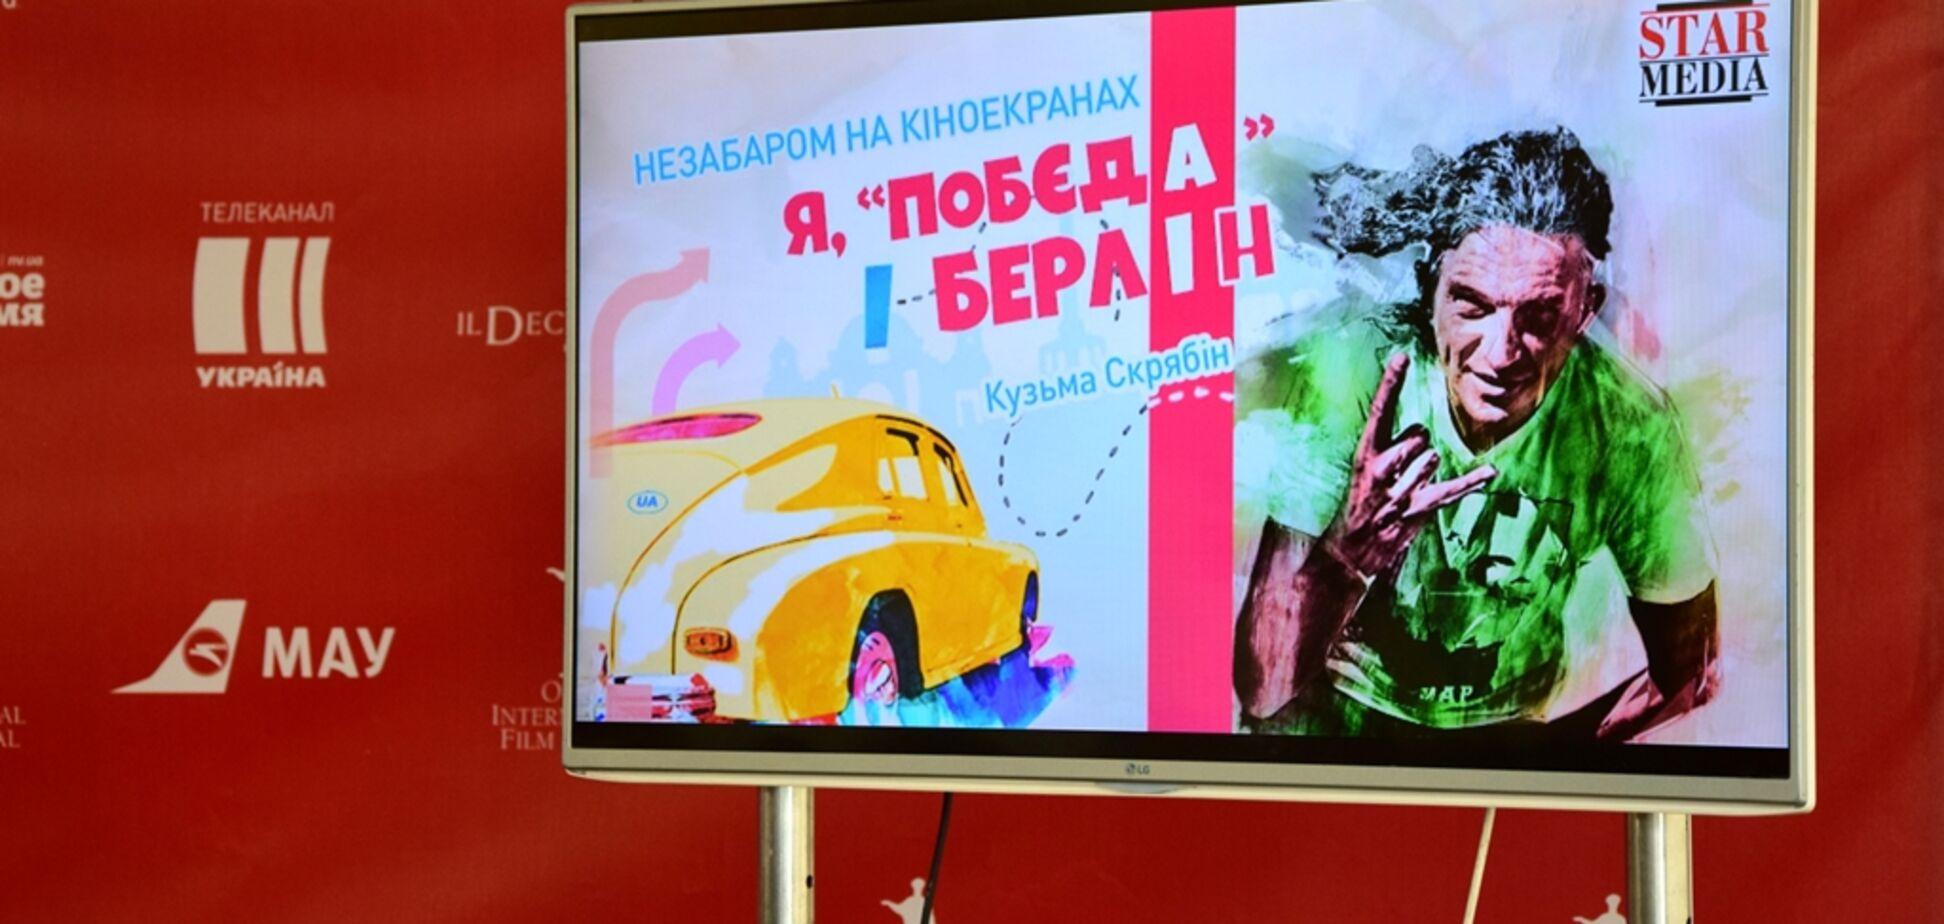 В Україні почнуть збір коштів для екранізації популярного роману Кузьми Скрябіна